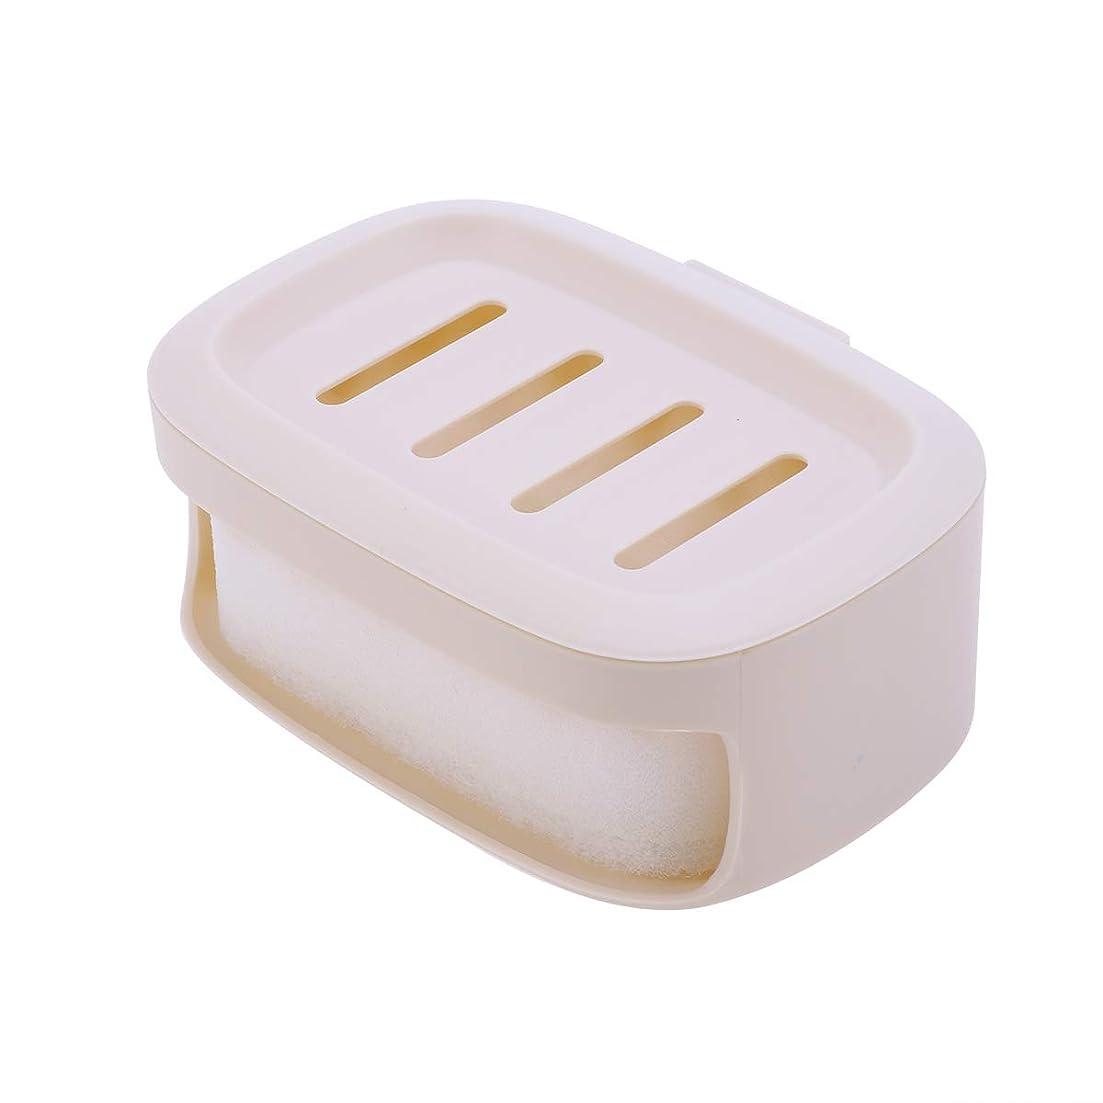 メトロポリタン試す散髪Healifty せっけん箱防水シールせっけんコンテナ二重層せっけん収納ケース(カーキ)